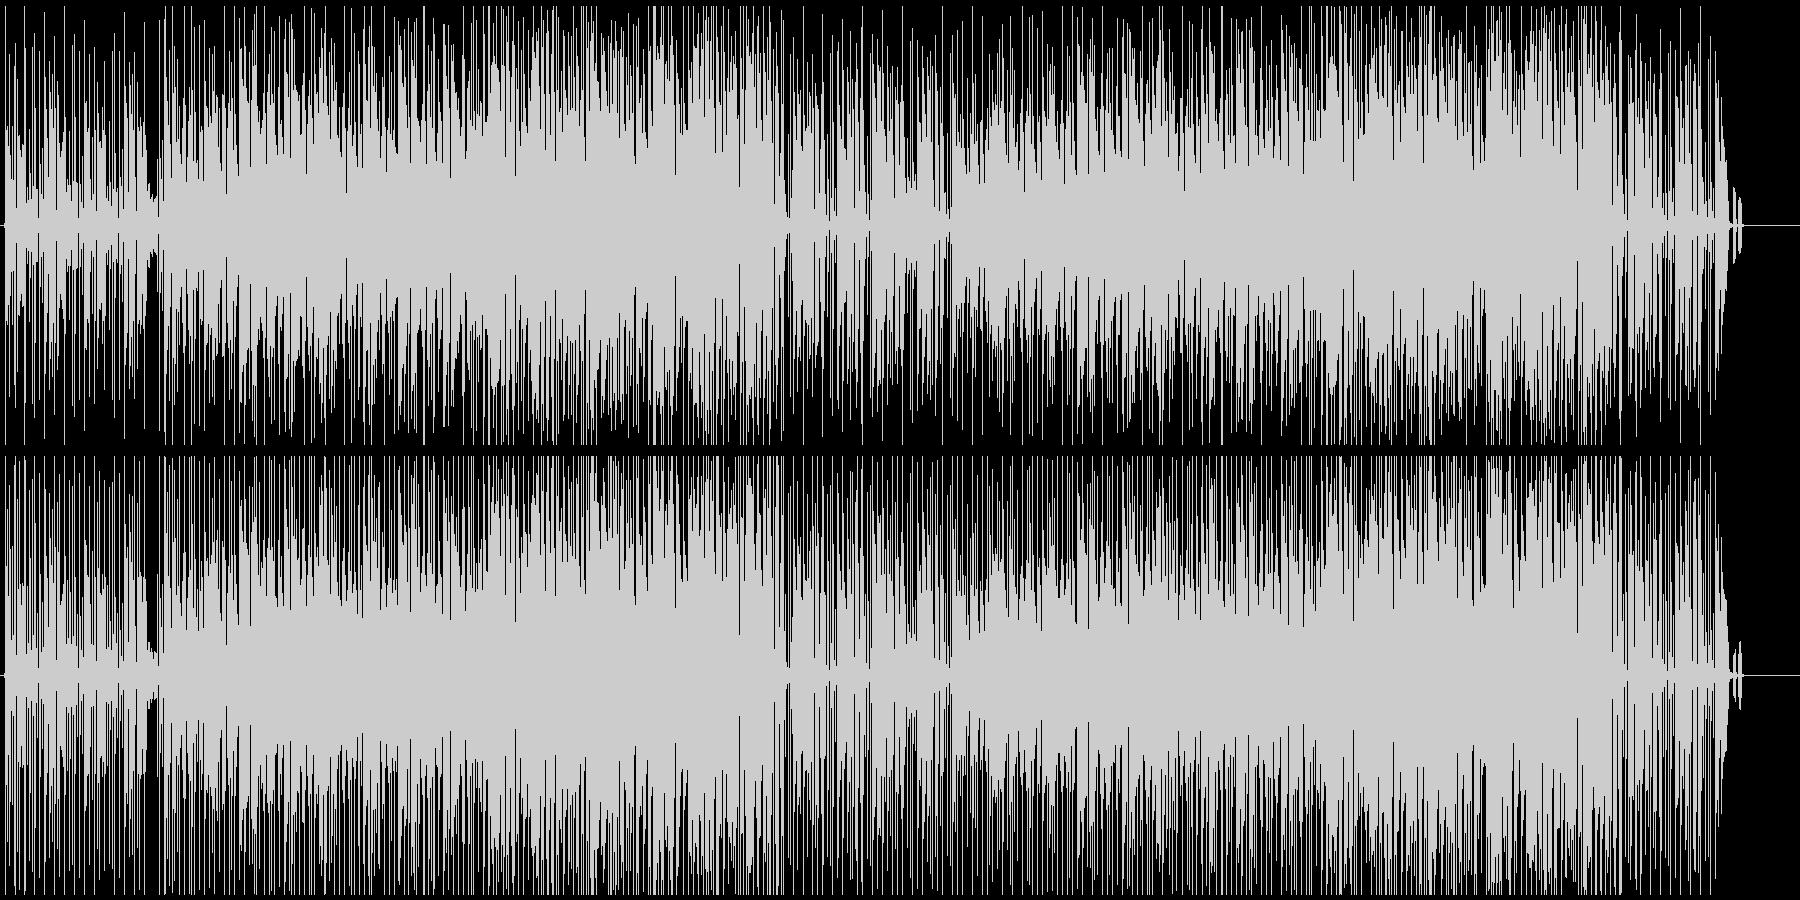 軽快なテンポの汎用性の高いボサノバです。の未再生の波形